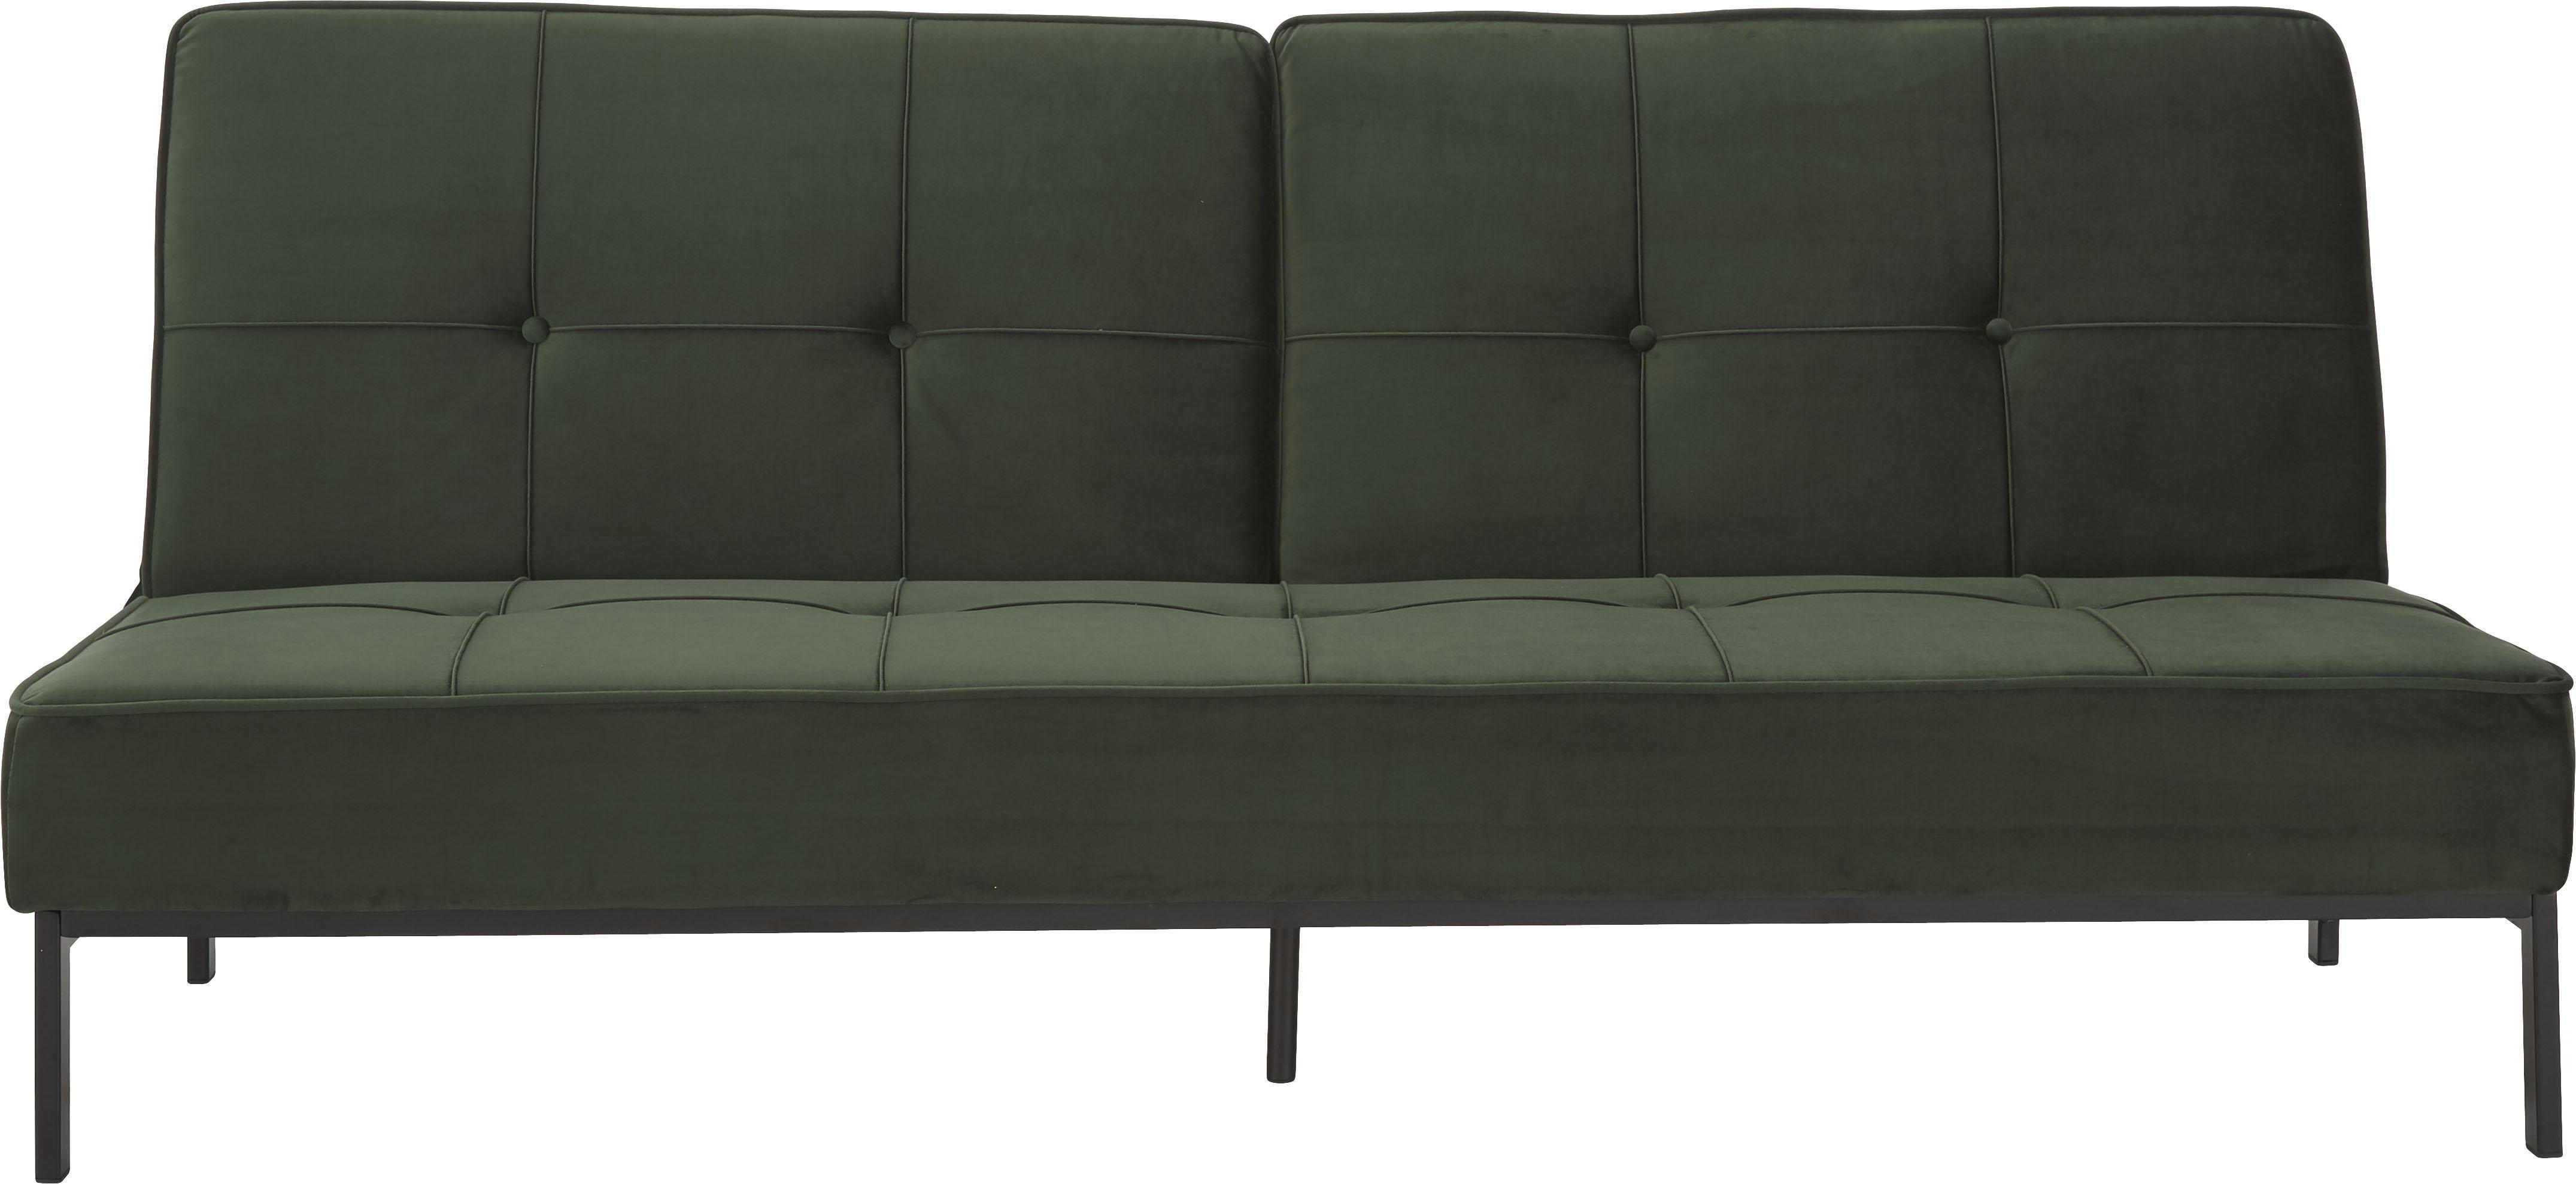 Samt-Schlafsofa Perugia, Bezug: Polyestersamt, Gestell: Metall, pulverbeschichtet, Samt Grün, B 198 x T 95 cm